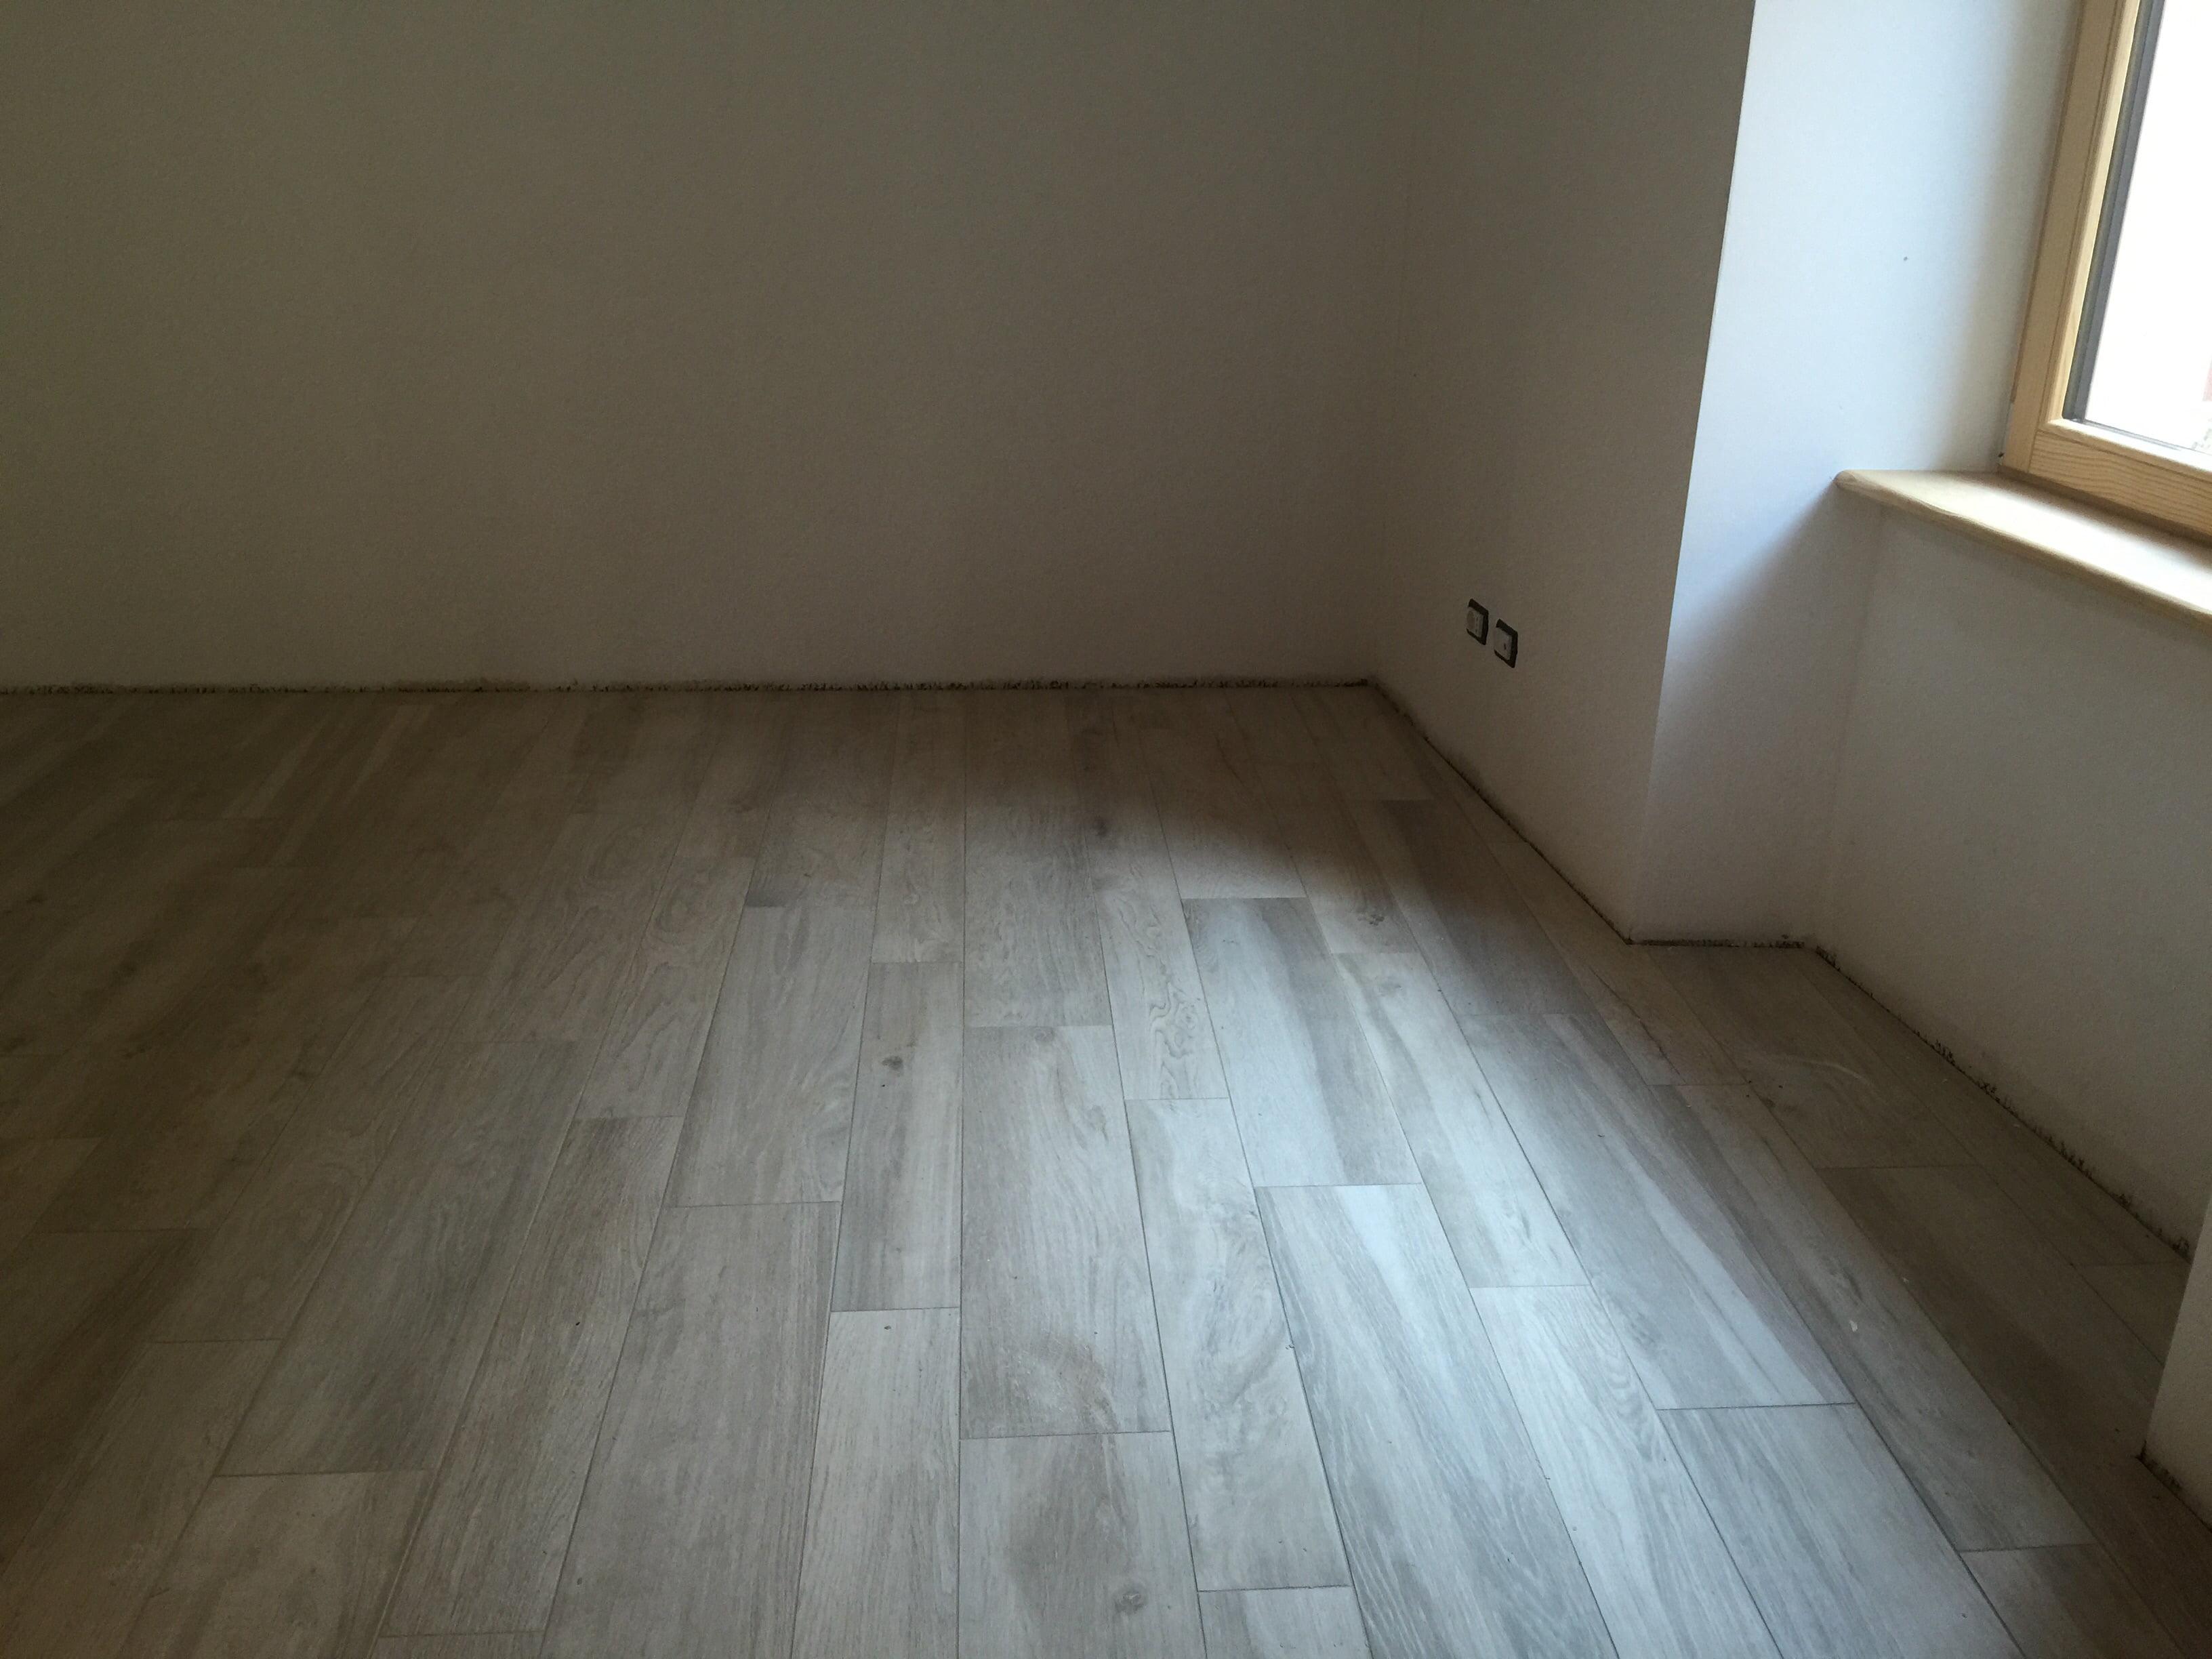 Affittasi stanza singola o posto letto in stanza doppia a povo centro in affitto - Posto letto trento ...